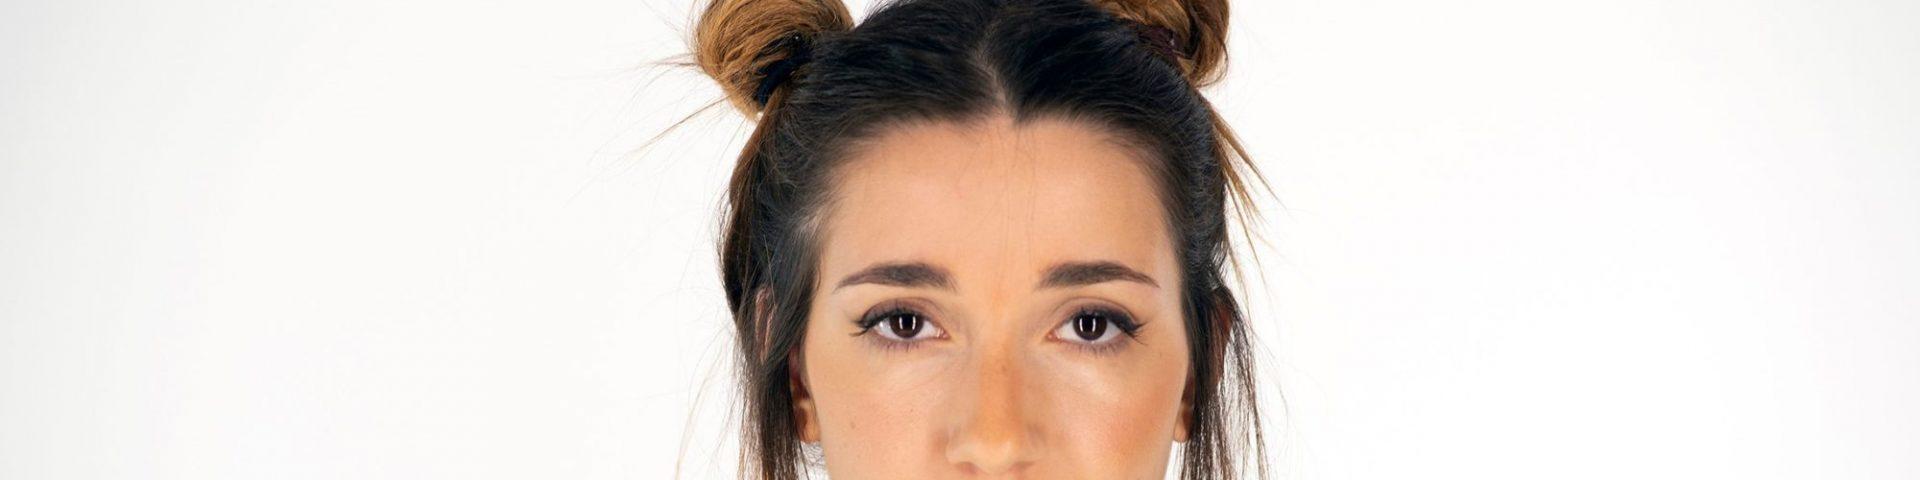 """Ylenia Lucisano presenta """"Il destino delle cose inutili"""" - Intervista"""